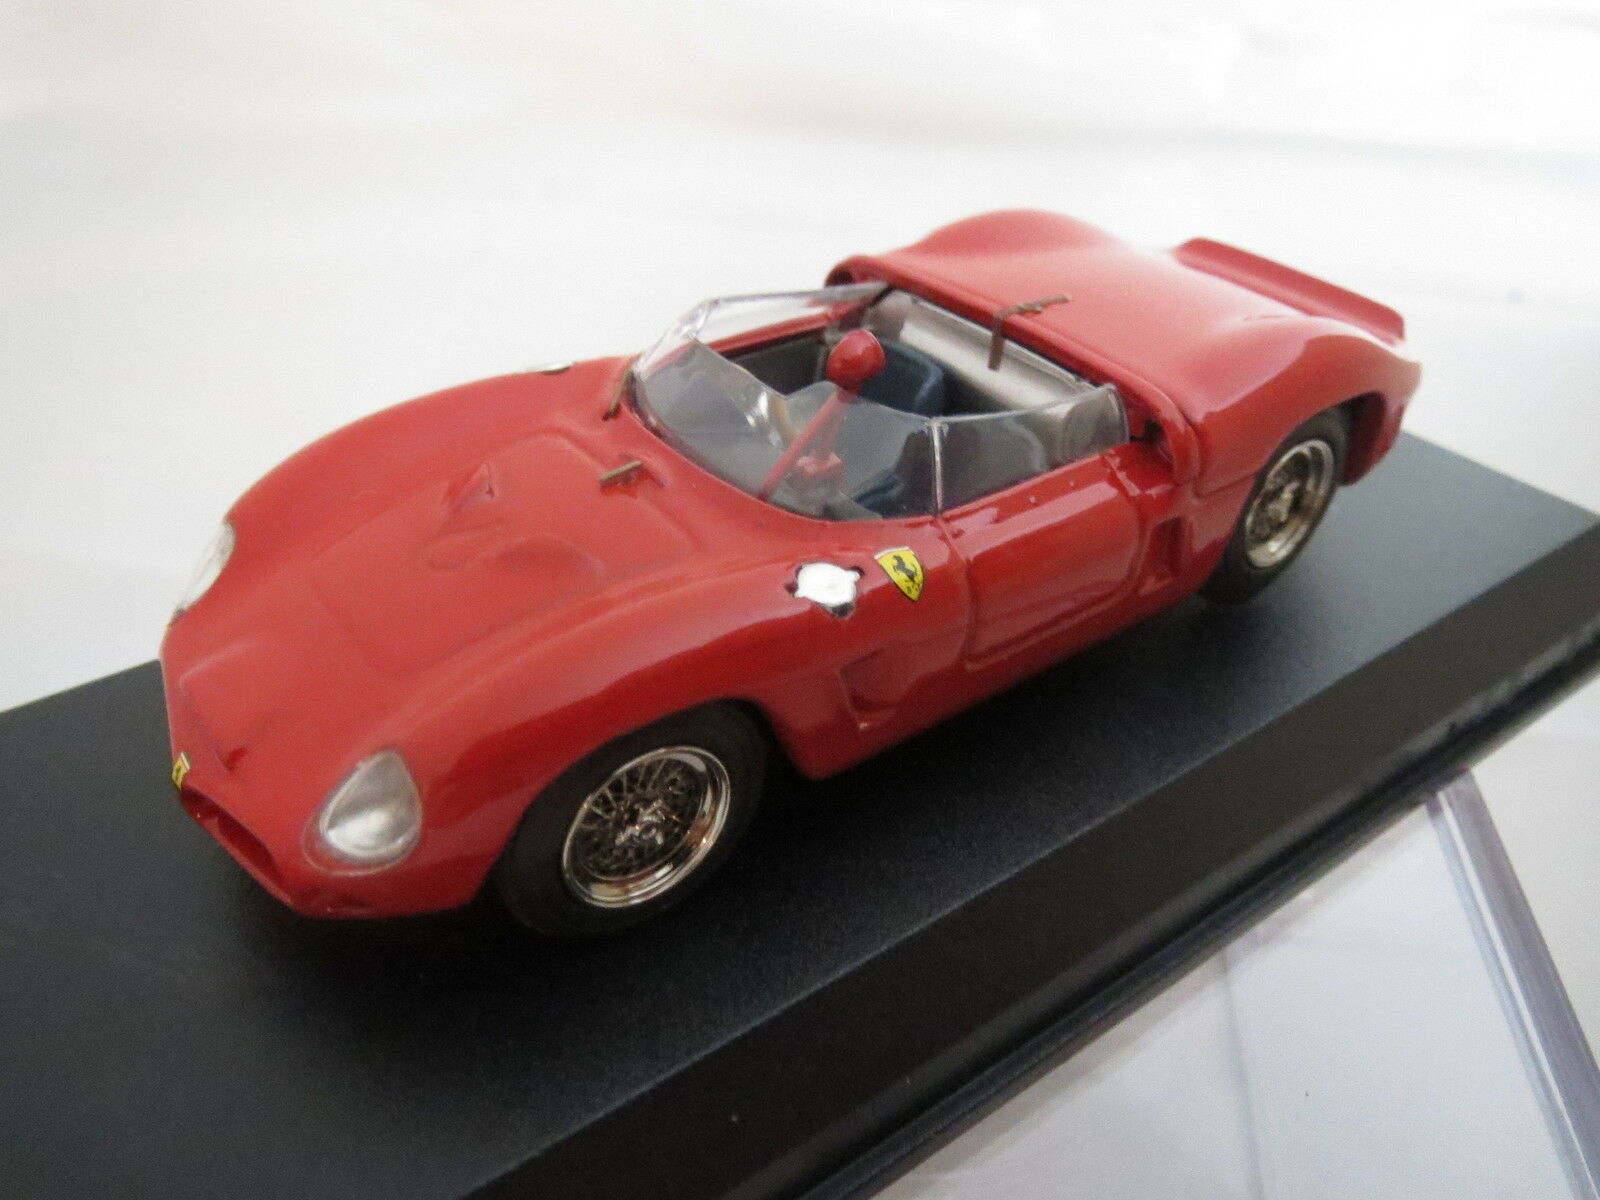 Rar  tipo 020 Model Ferrari Dino sp prova 1962 rosso, 1 43, top